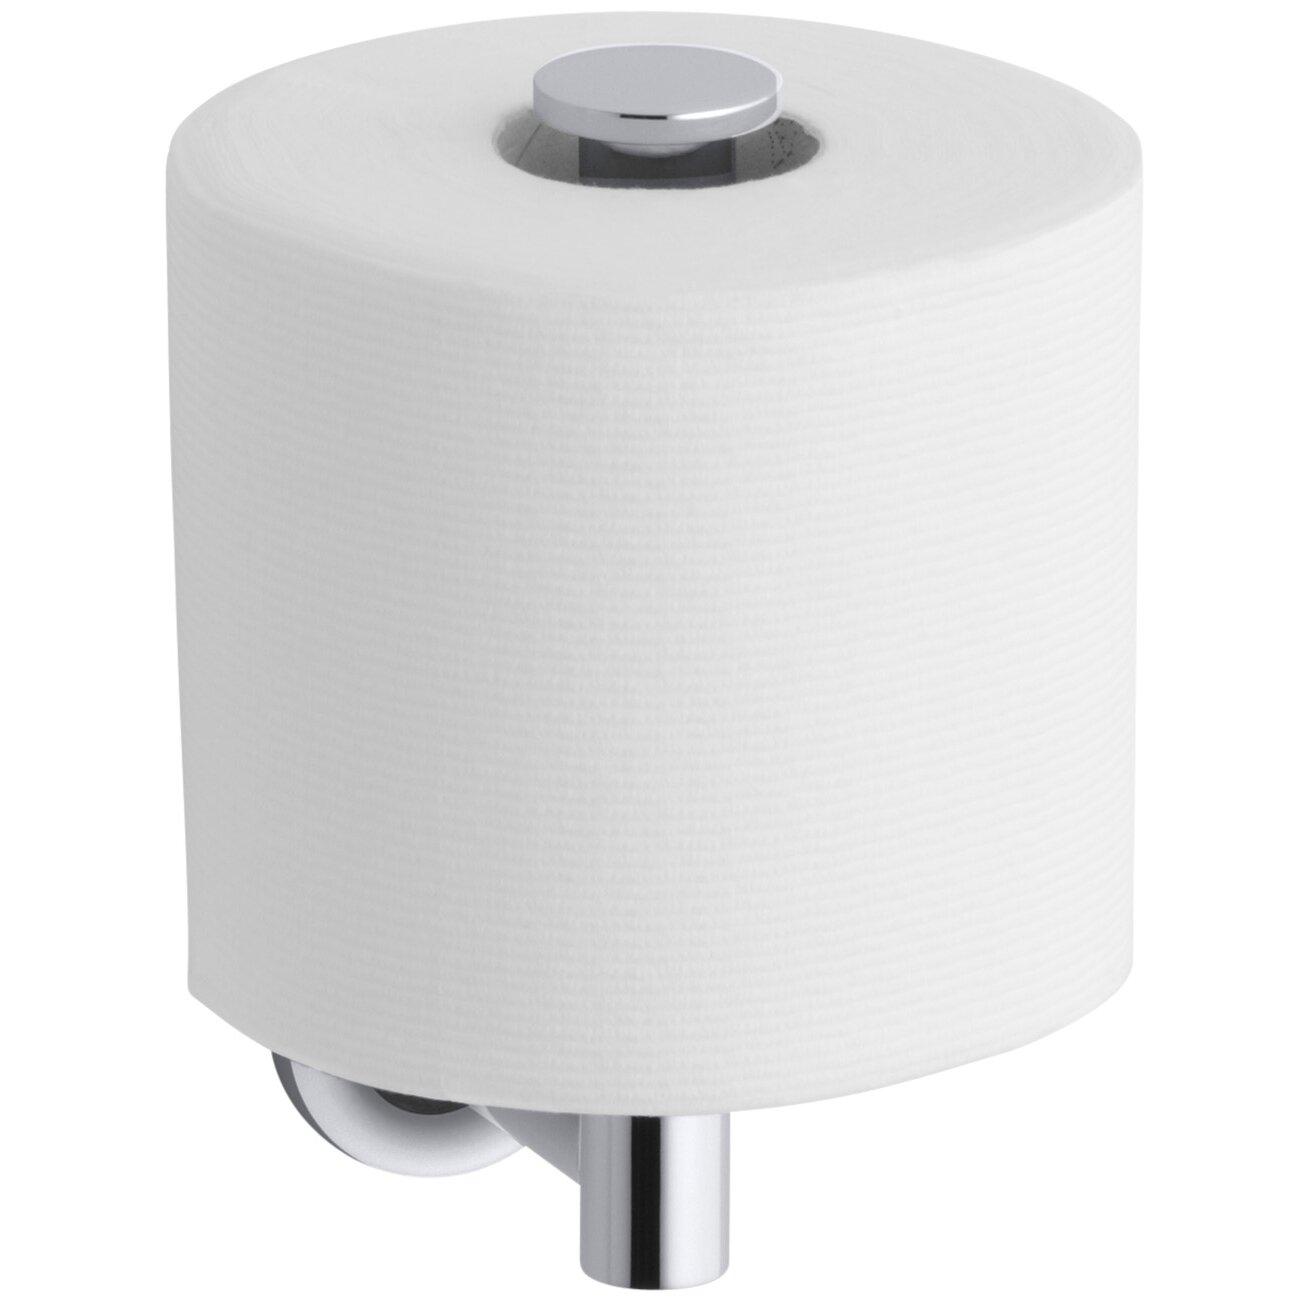 Kohler Purist Vertical Toilet Tissue Holder. Kohler Purist Vertical Toilet Tissue Holder   Reviews   Wayfair